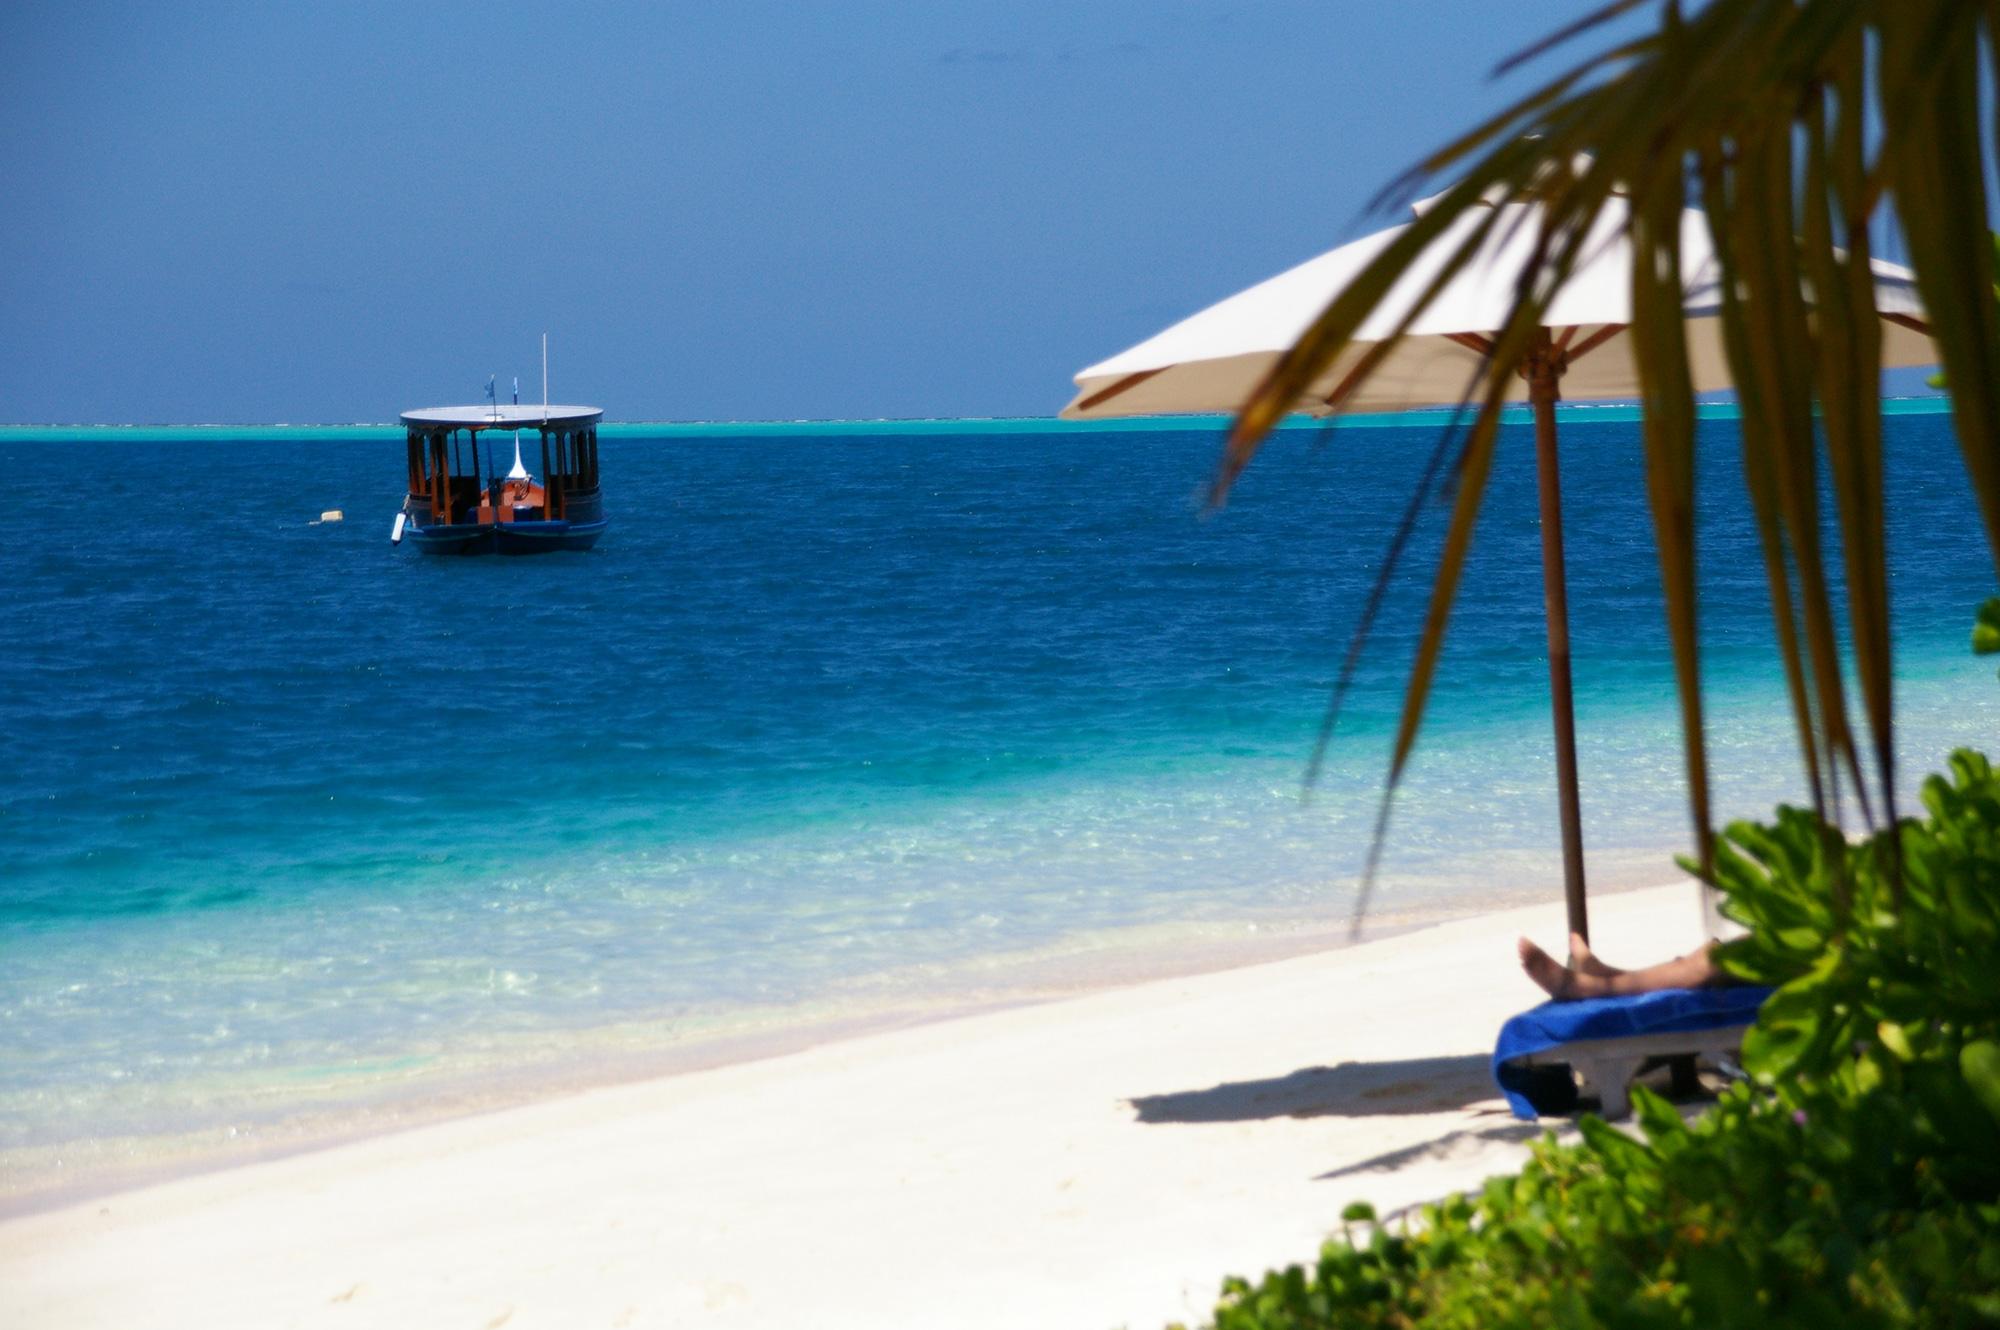 ビーチパラソルと小船のフリー写真素材